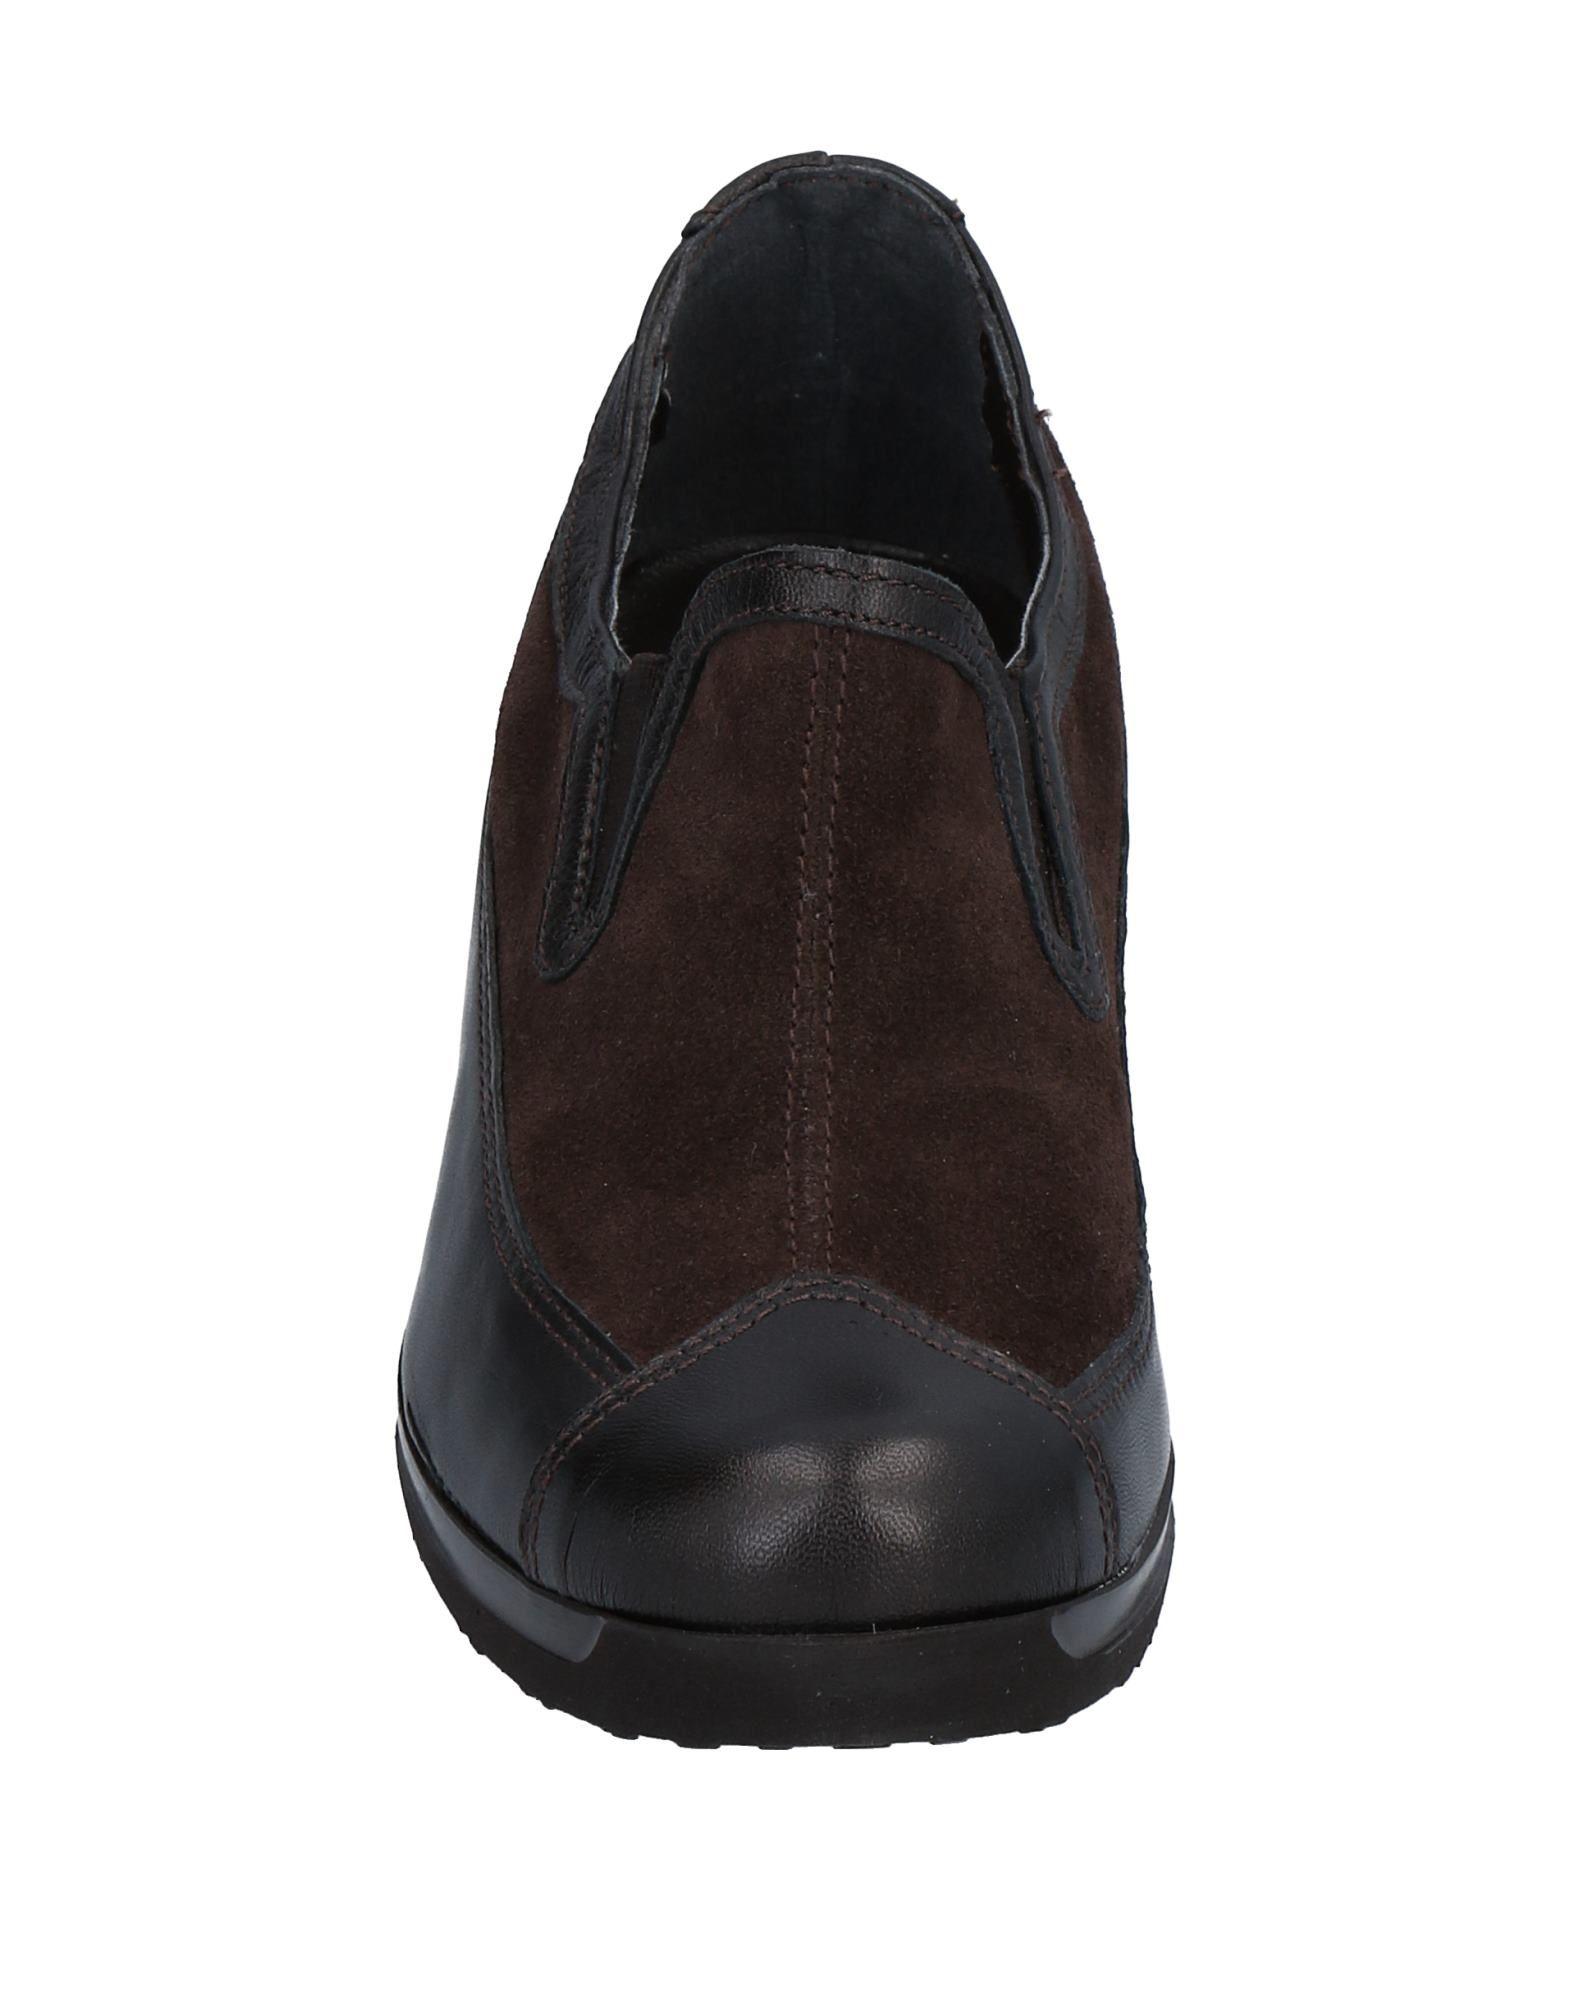 Cinzia Soft By Mauri 11534855AM Moda Mokassins Damen  11534855AM Mauri Gute Qualität beliebte Schuhe 3e903b